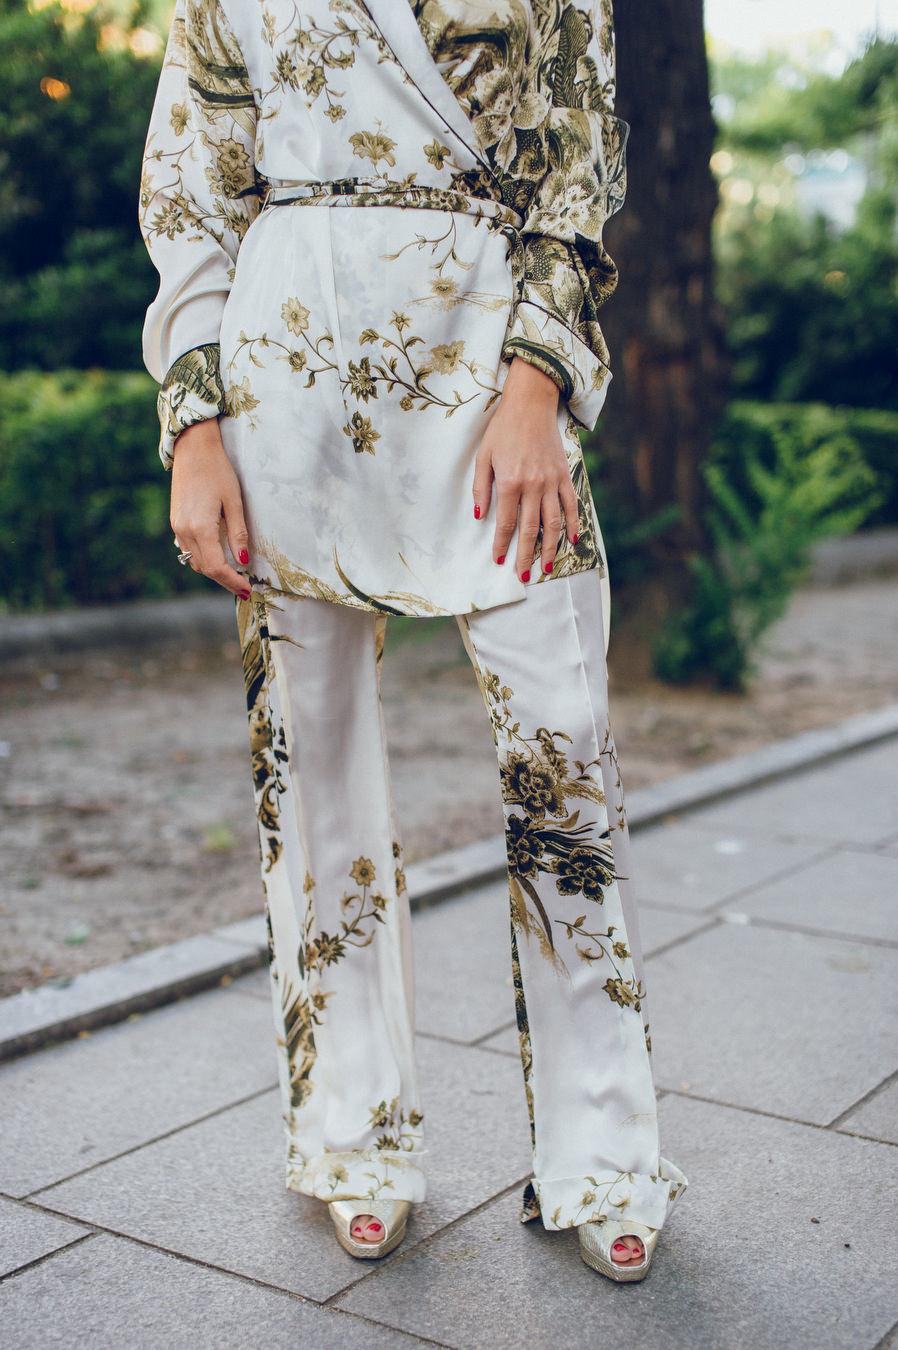 calista-one-lista-de-bodas-online-blog-de-bodas-bossanova-looks-invitadas-adriana-kimono-3